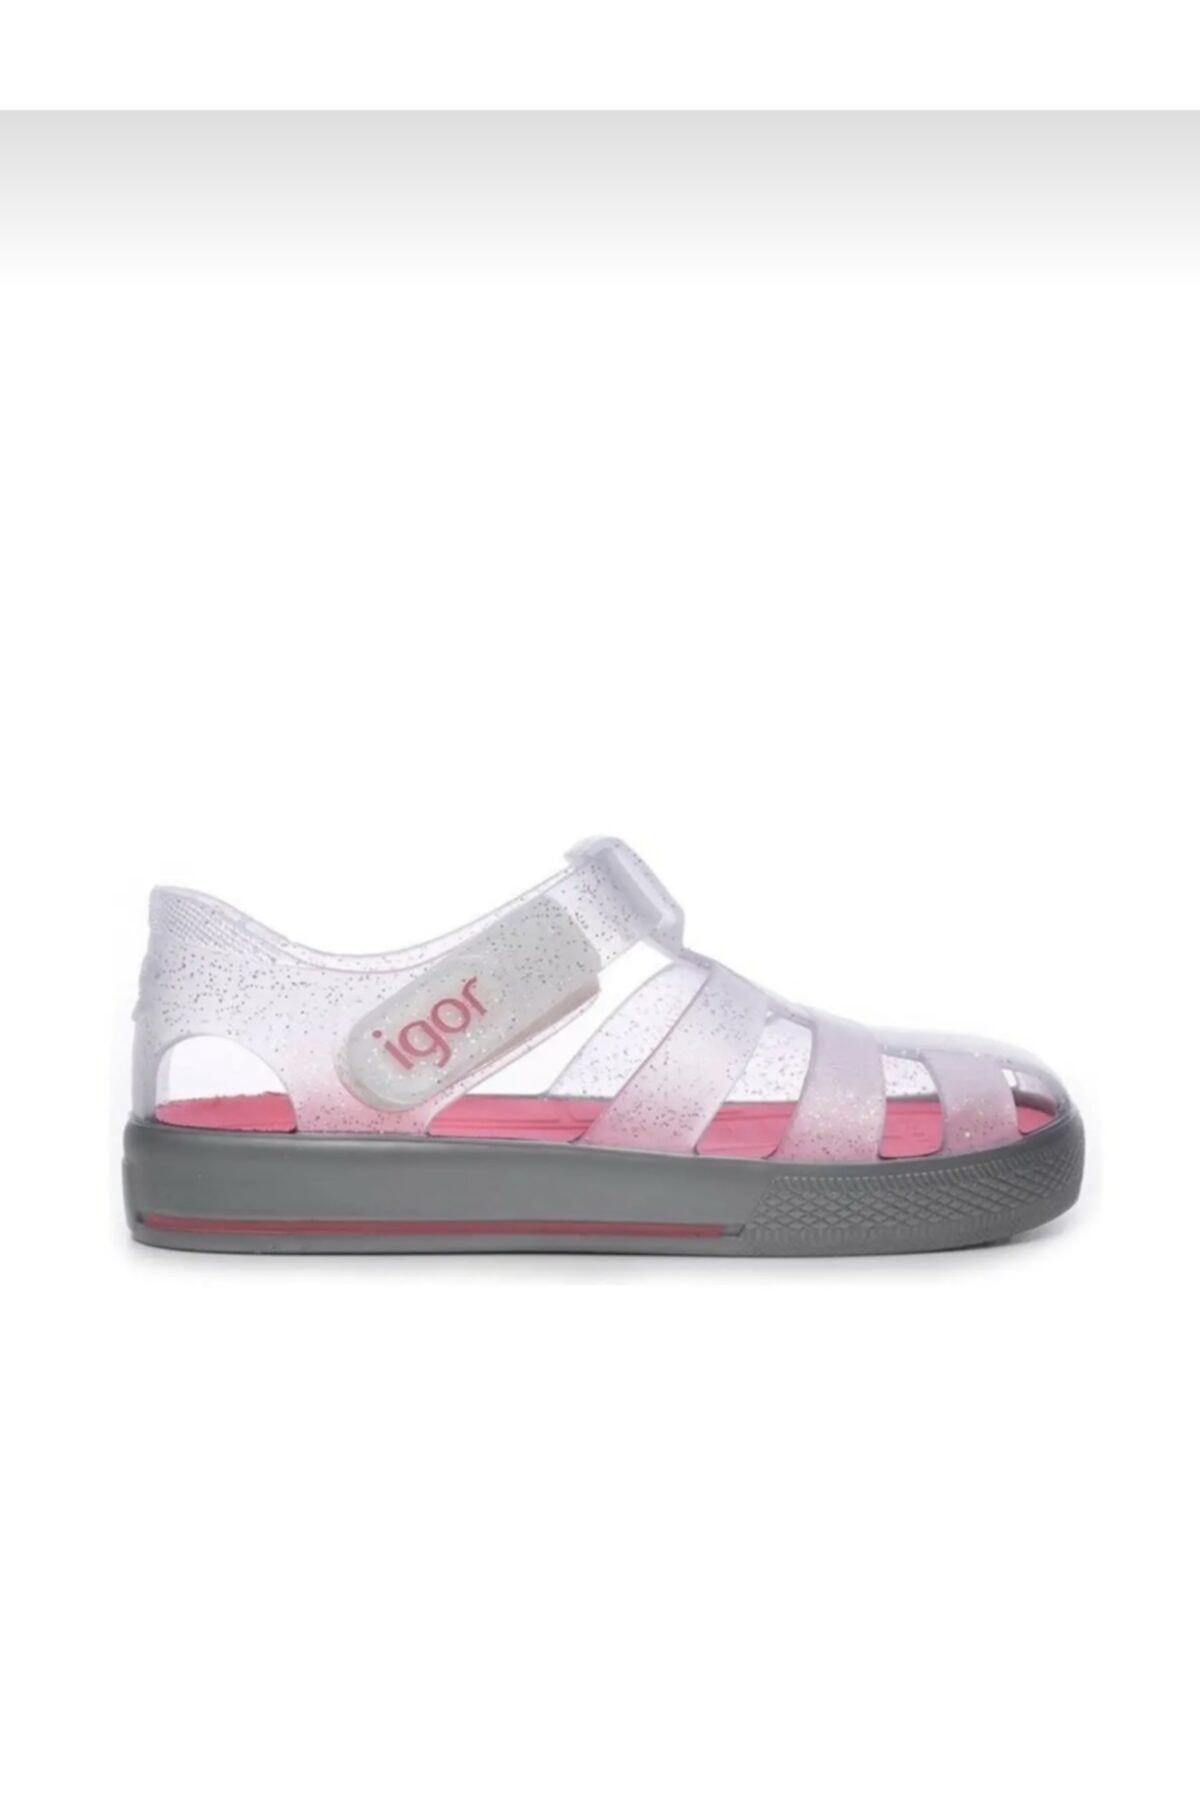 IGOR Çocuk Sandalet 2